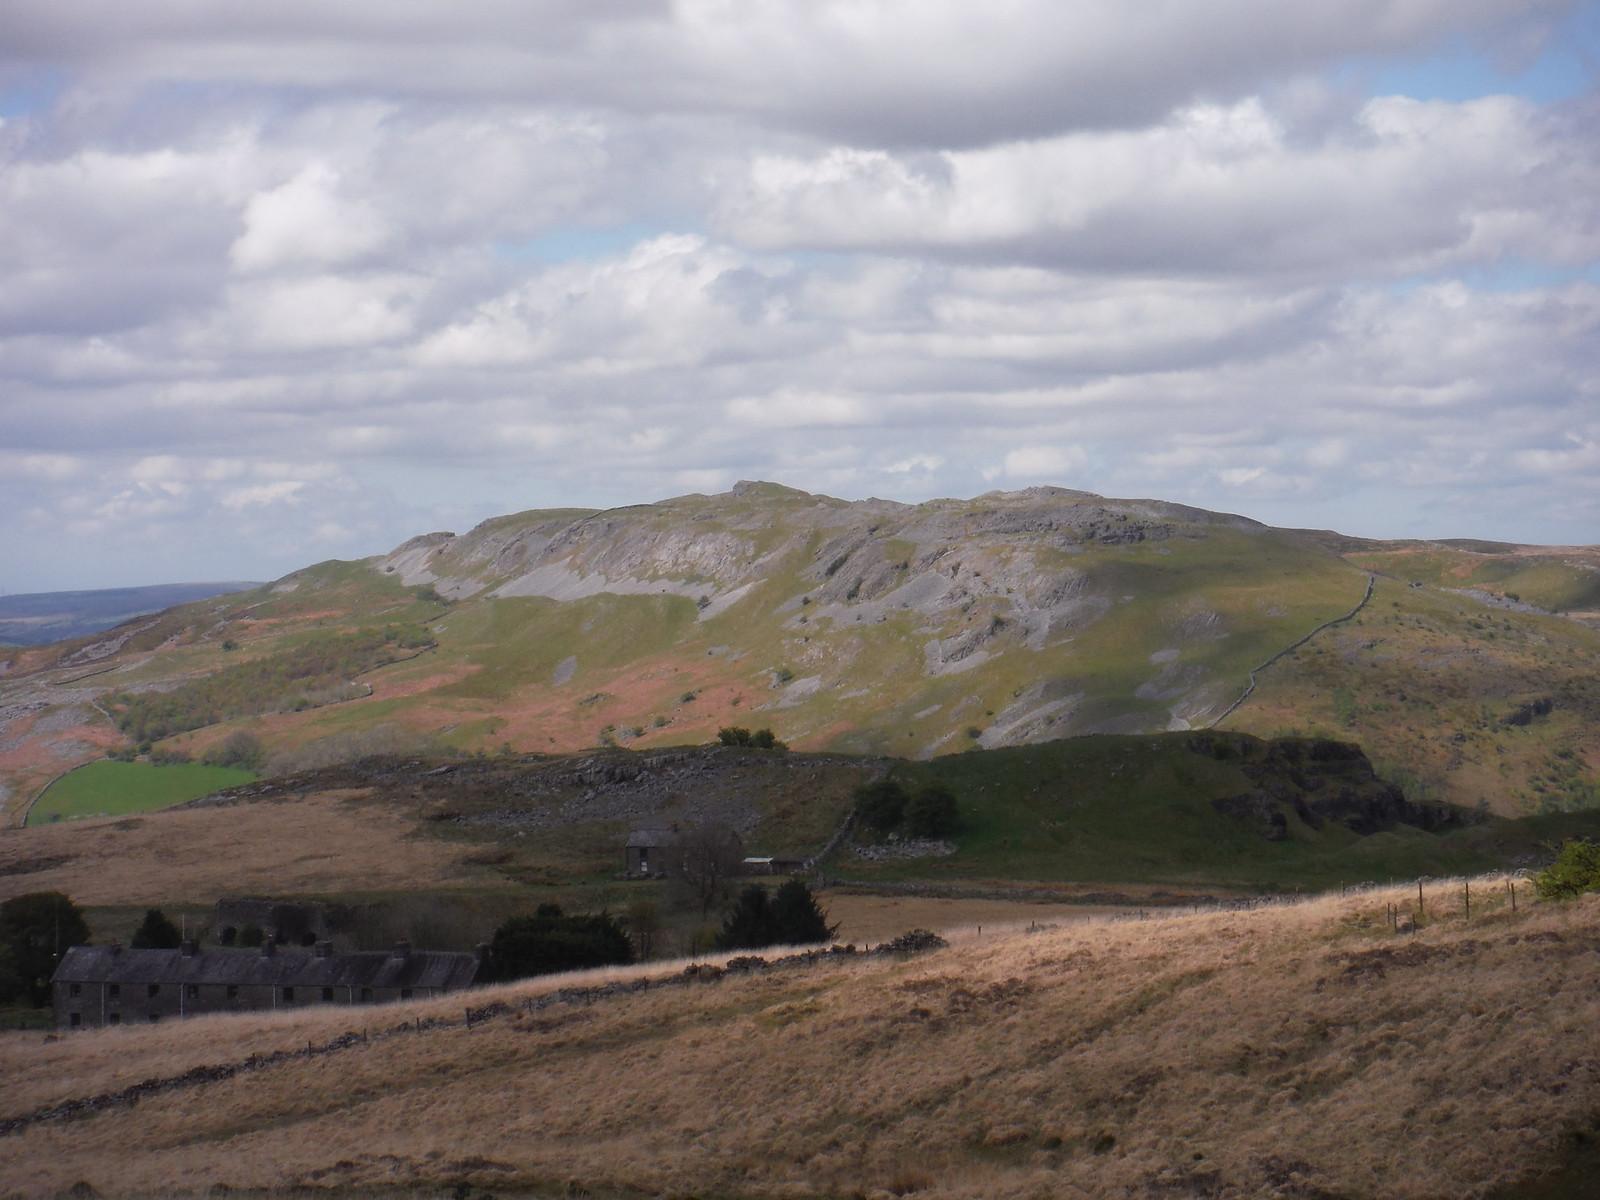 Cribarth Plateau, from Dismantled Tramway SWC Walk 307 - Fforest Fawr Traverse (Craig y Nos to Llwyn-y-celyn)